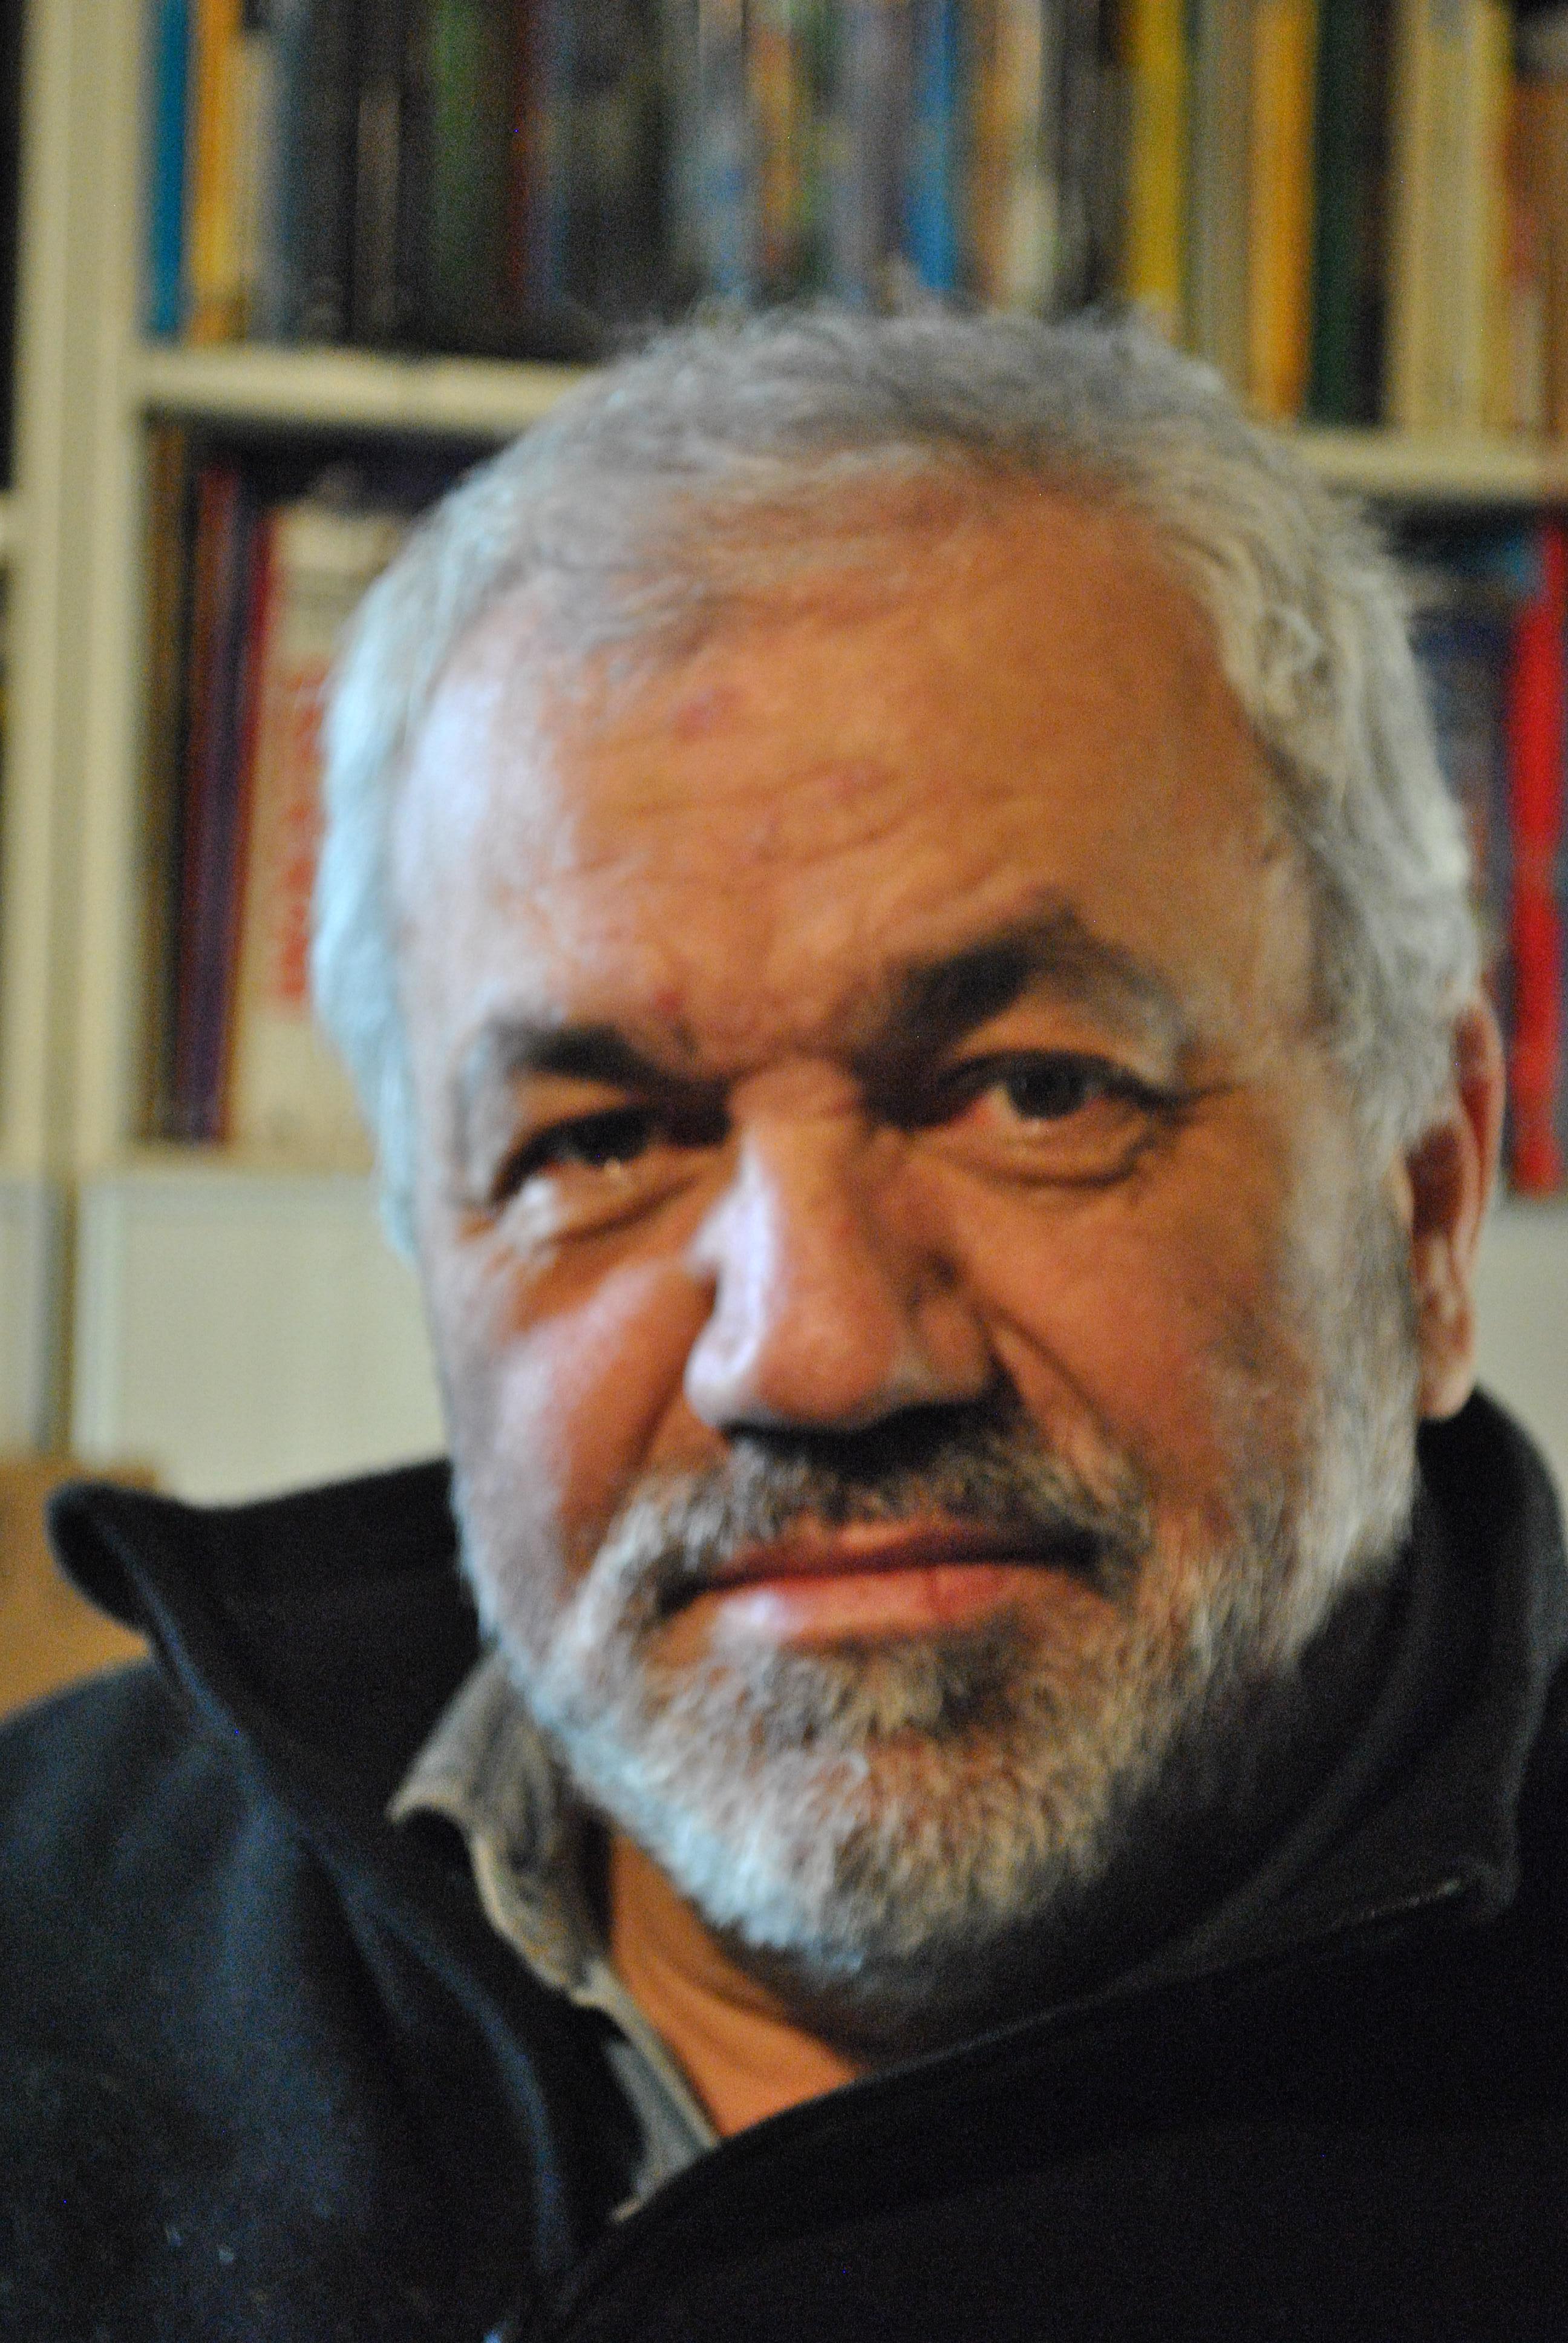 Flavio Amico